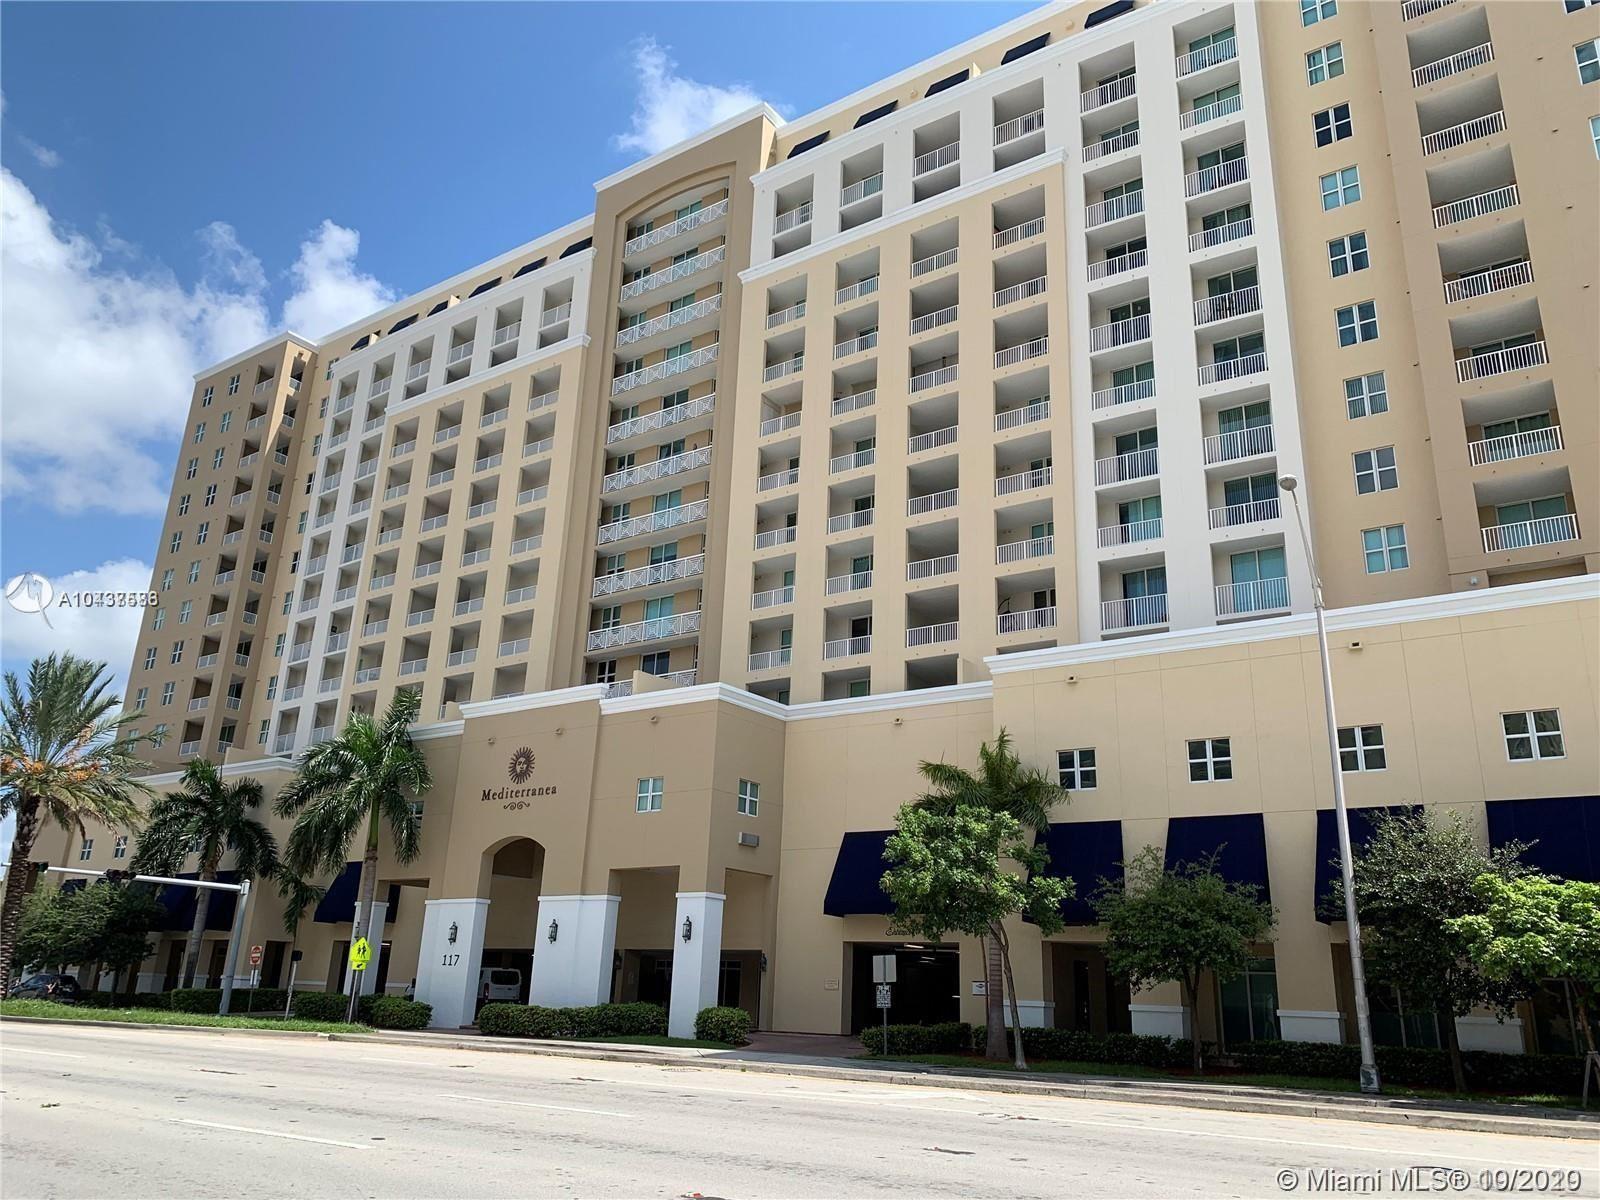 117 NW 42 AVE #901, Miami, FL 33126 - #: A10437586